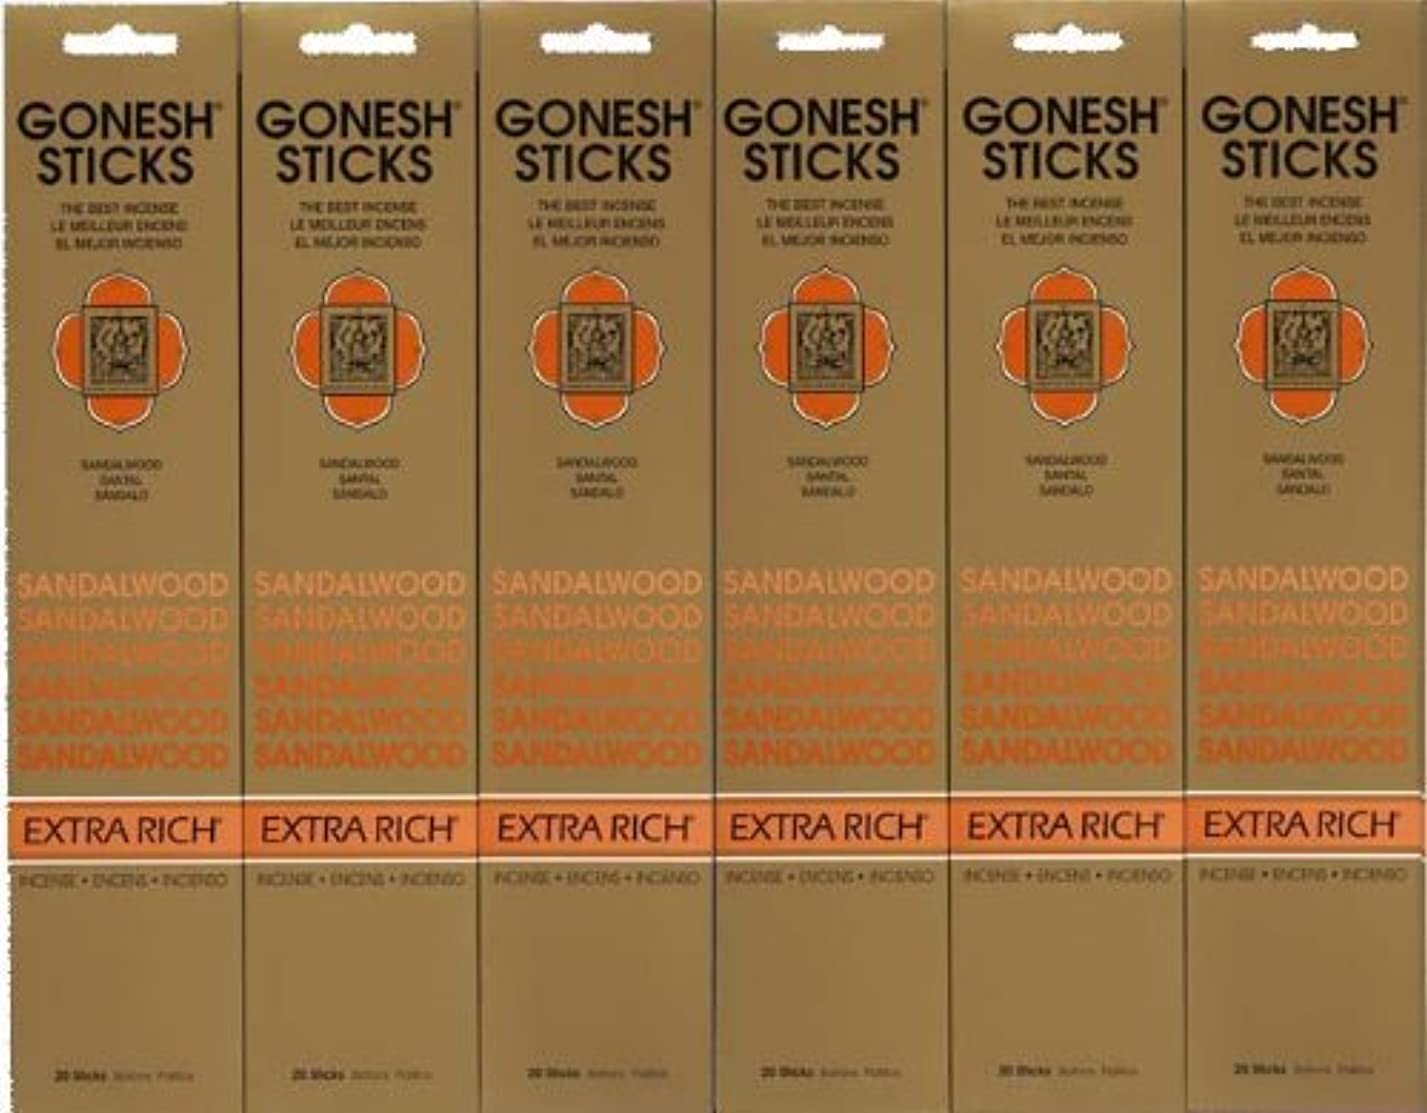 バズ消毒する牛GONESH SANDALWOOD サンダルウッド 20本入り X 6パック (120本)